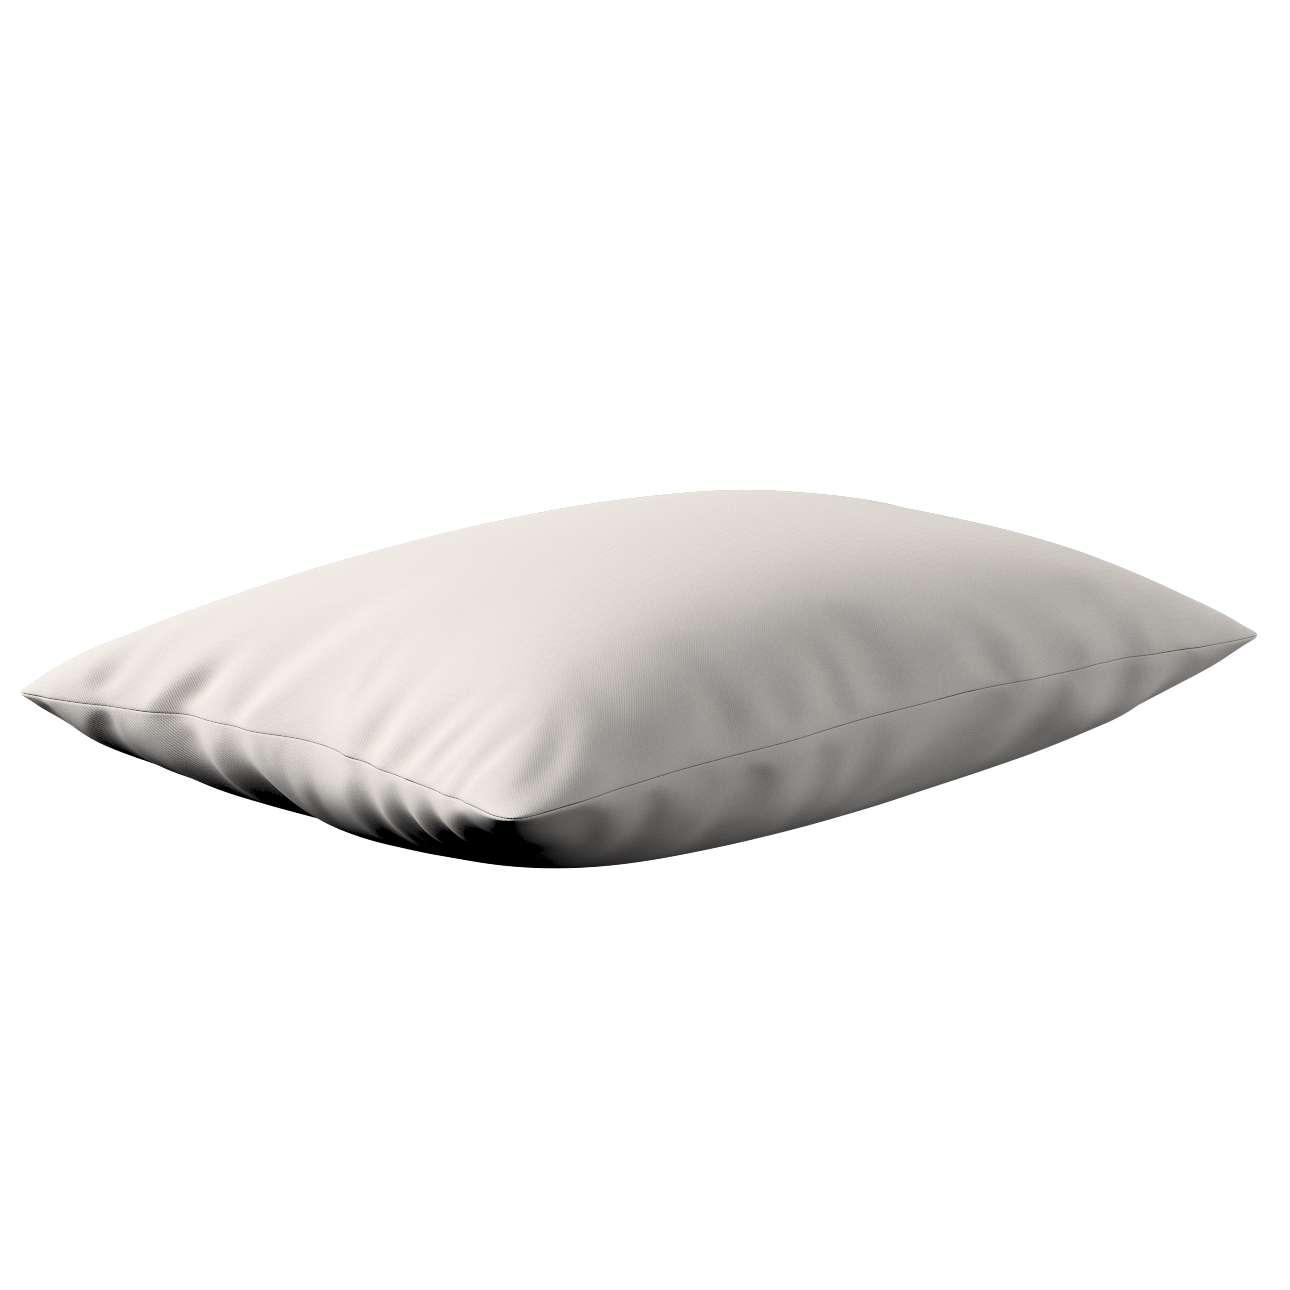 Kinga dekoratyvinės pagalvėlės užvalkalas 60x40cm 60x40cm kolekcijoje Etna , audinys: 705-01